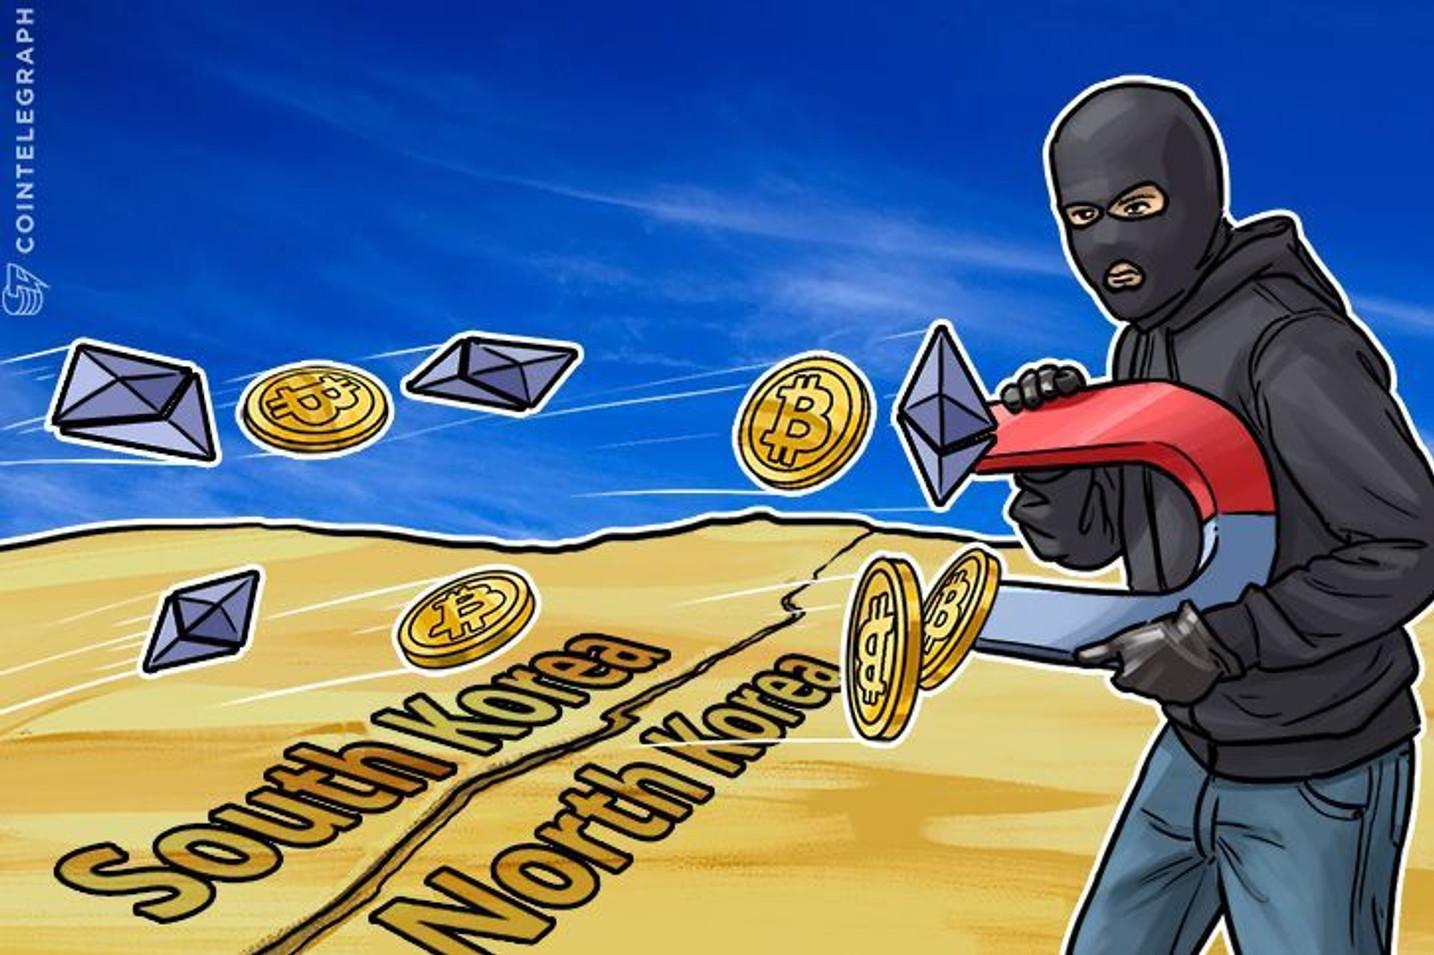 Severnokorejski hakeri napadaju korisnike kripta i servis provajdere